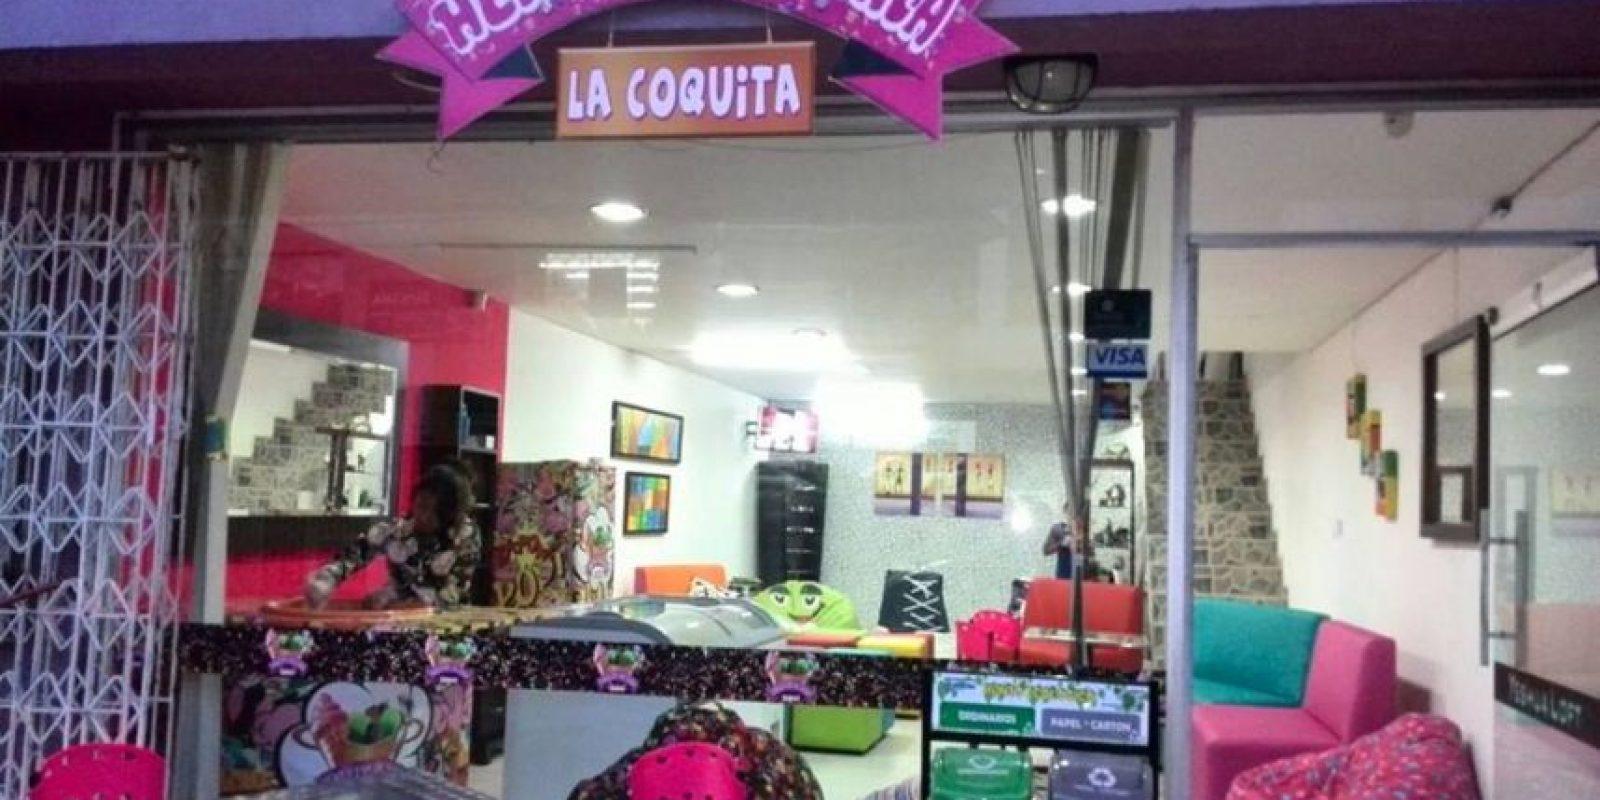 """Helados de Paila """"La Coquita"""" Foto:Helados de Paila La Coquita /Facebook"""